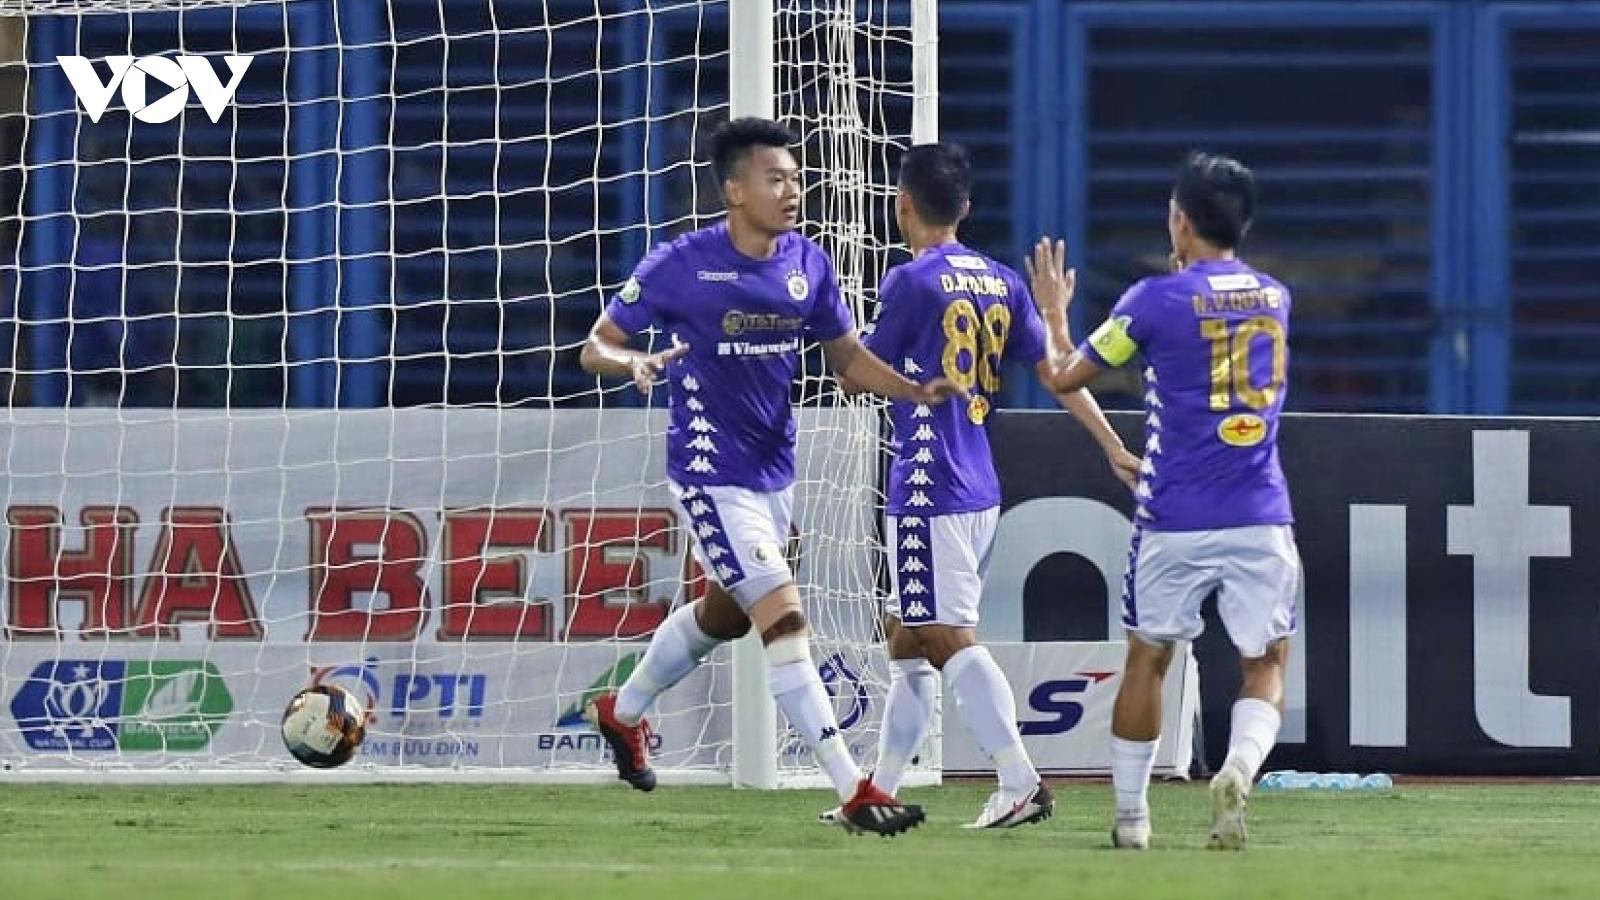 """Thành Chung mở tỷ số, Hà Nội FC """"đè bẹp"""" Cần Thơ 7-0 để tiến vào bán kết Cúp Quốc gia 2020"""